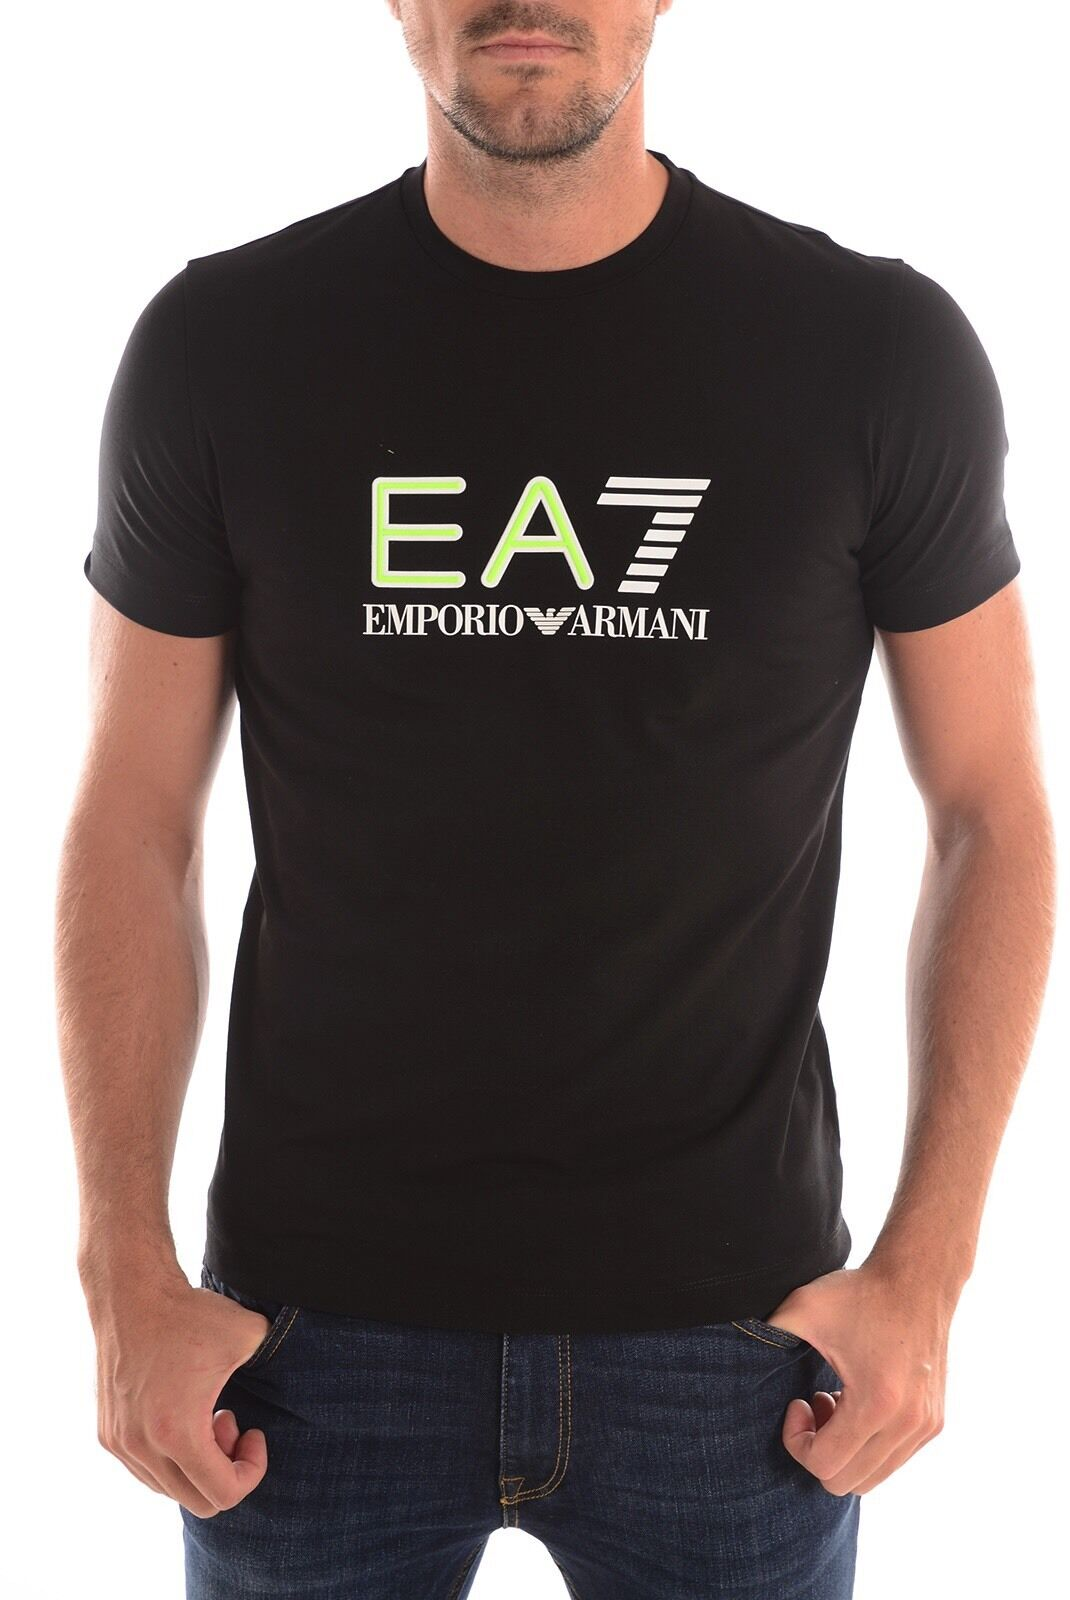 EMPORIO ARMANI EA7 grandi FLUORESCENTE sollevato Gomma Logo Tee Nuova Nero Taglie S-XL Nuova Tee con etichetta 40591a